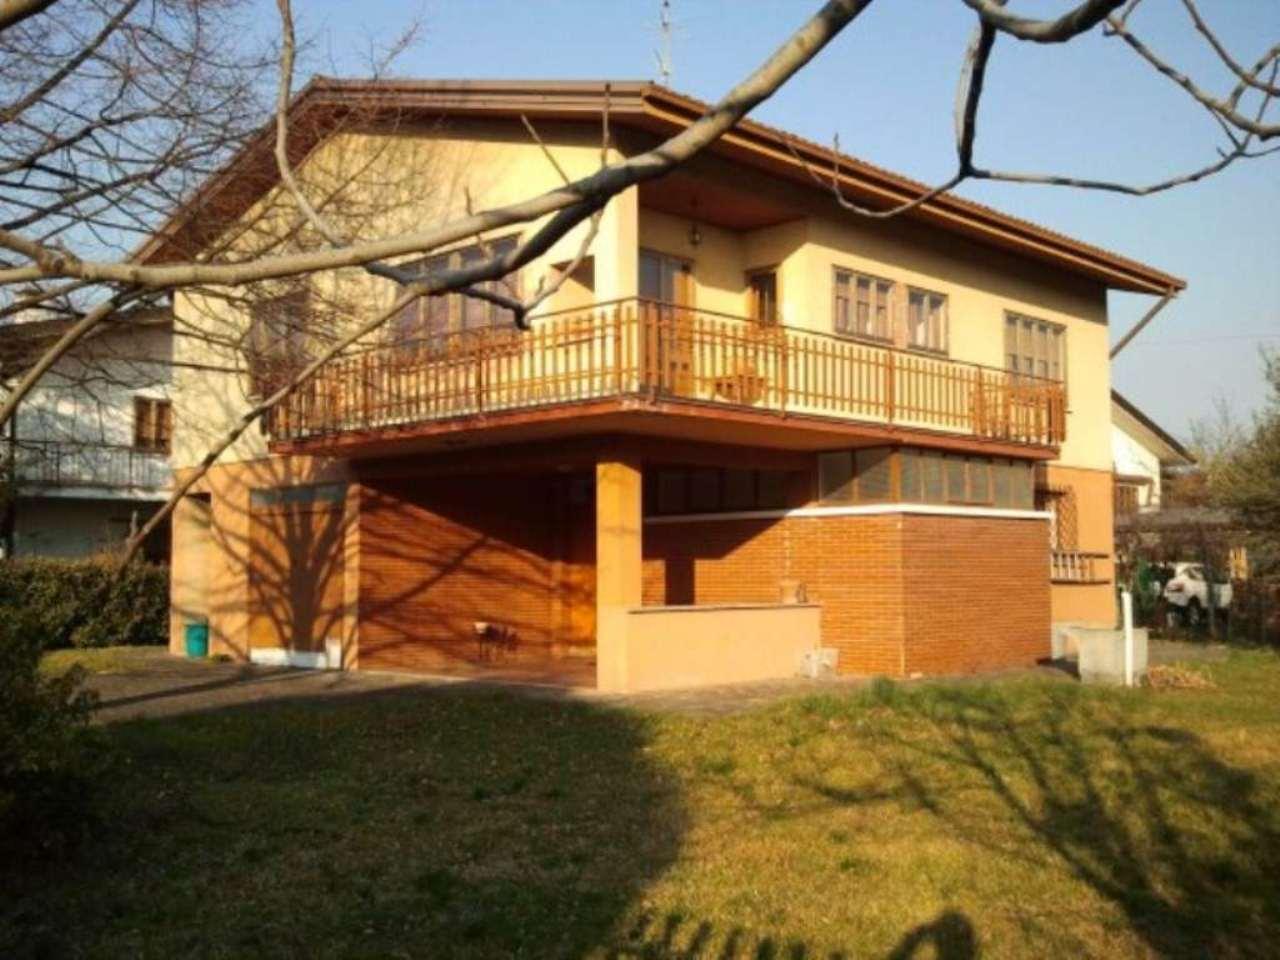 Villa in vendita a Cividale del Friuli, 6 locali, prezzo € 220.000 | CambioCasa.it